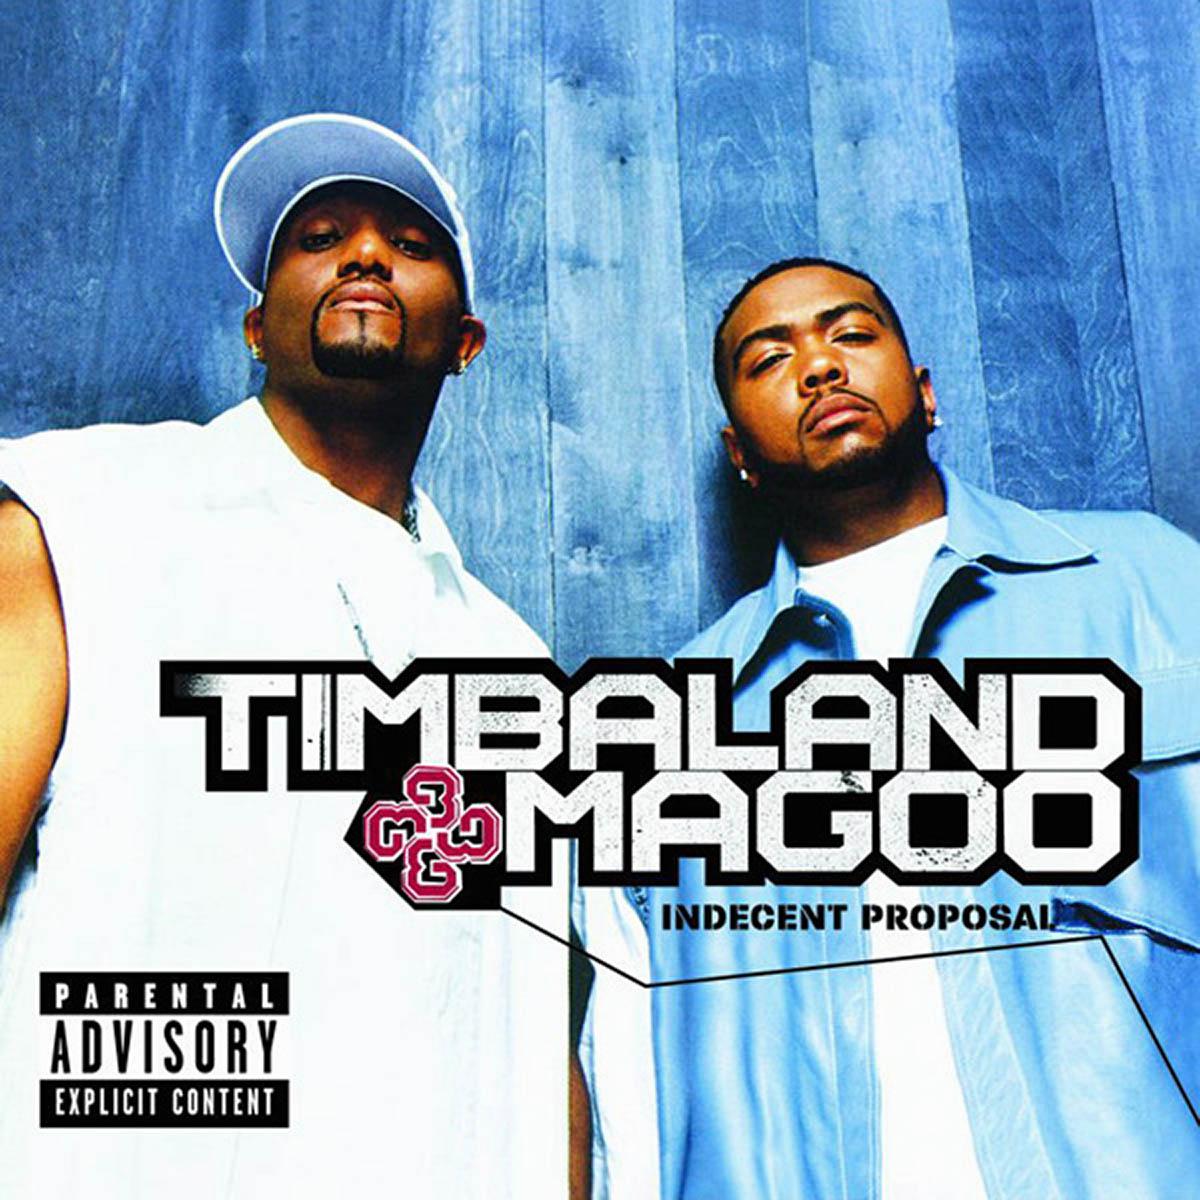 Timbaland & Magoo, Indecent Proposal